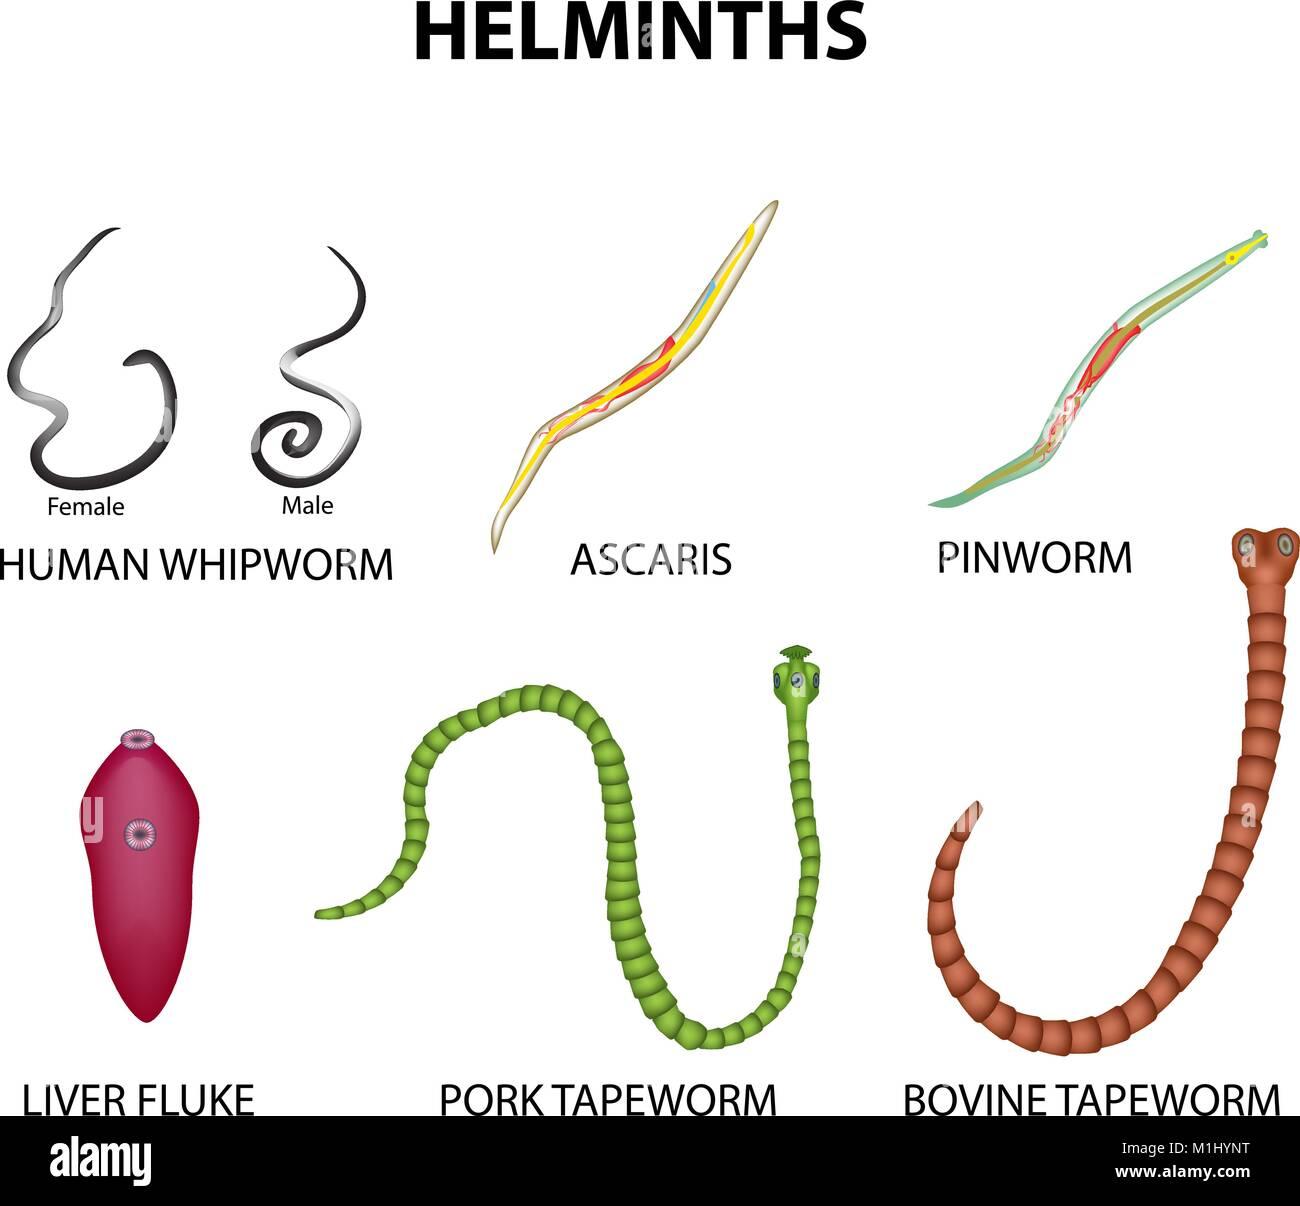 Eine Reihe von helminthen. rundwürmer, Ascaris, madenwürmer ...